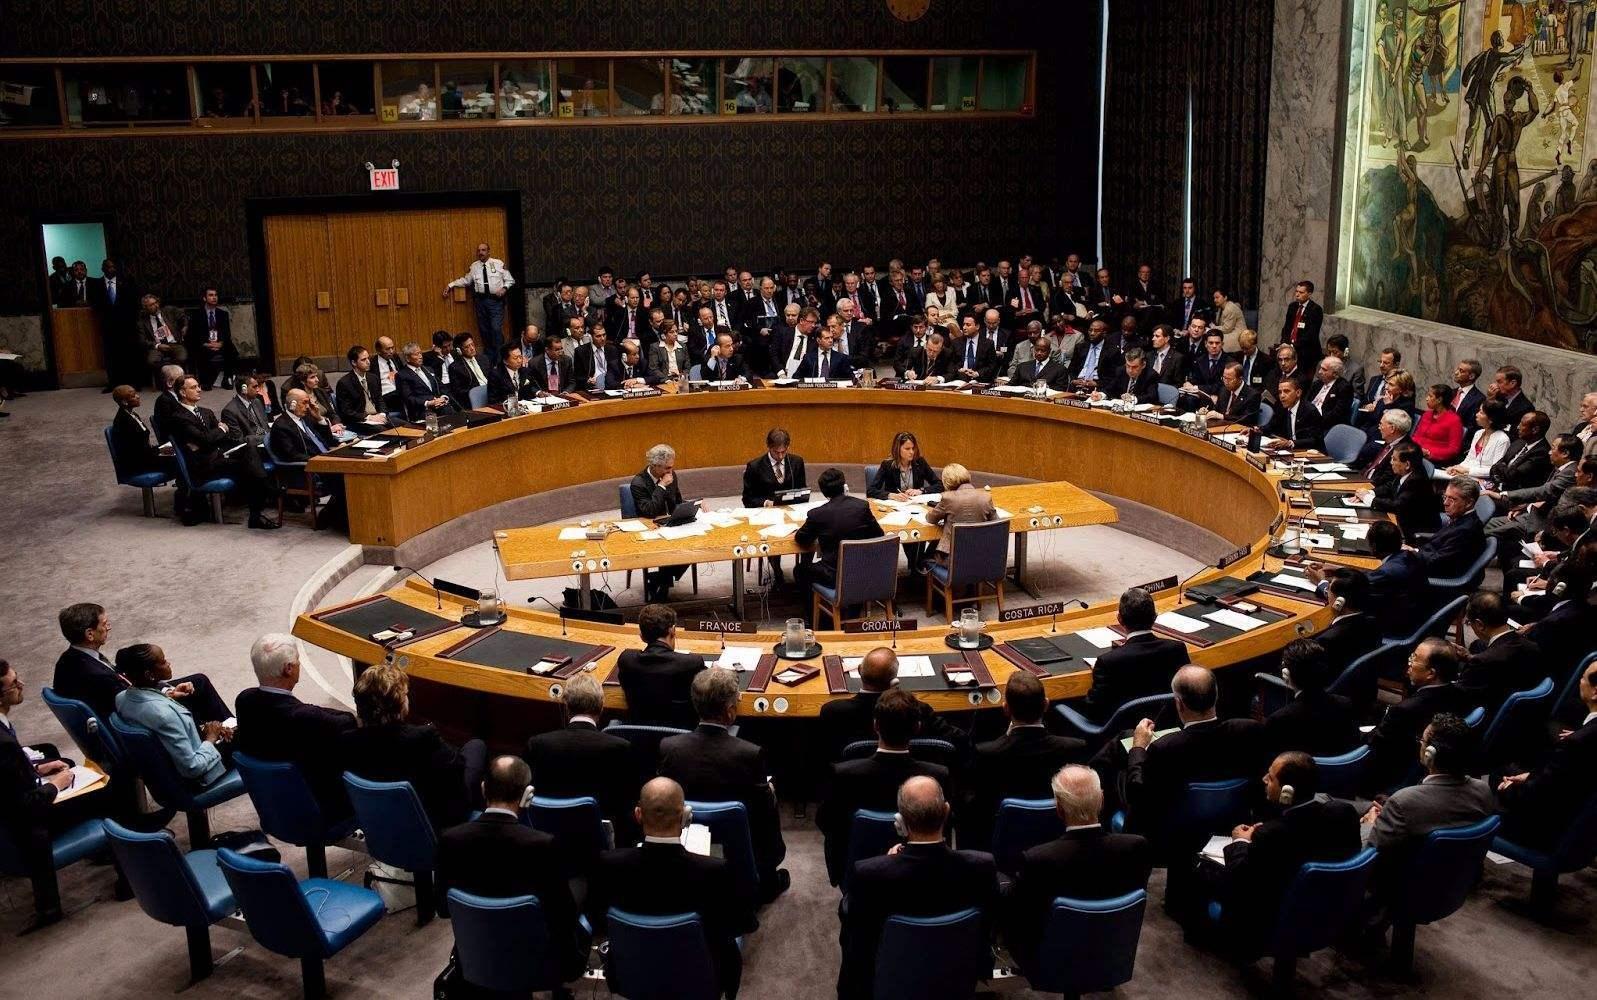 64国拒绝缴纳会费,联合国无力支付工资,美国投票权即将被废除